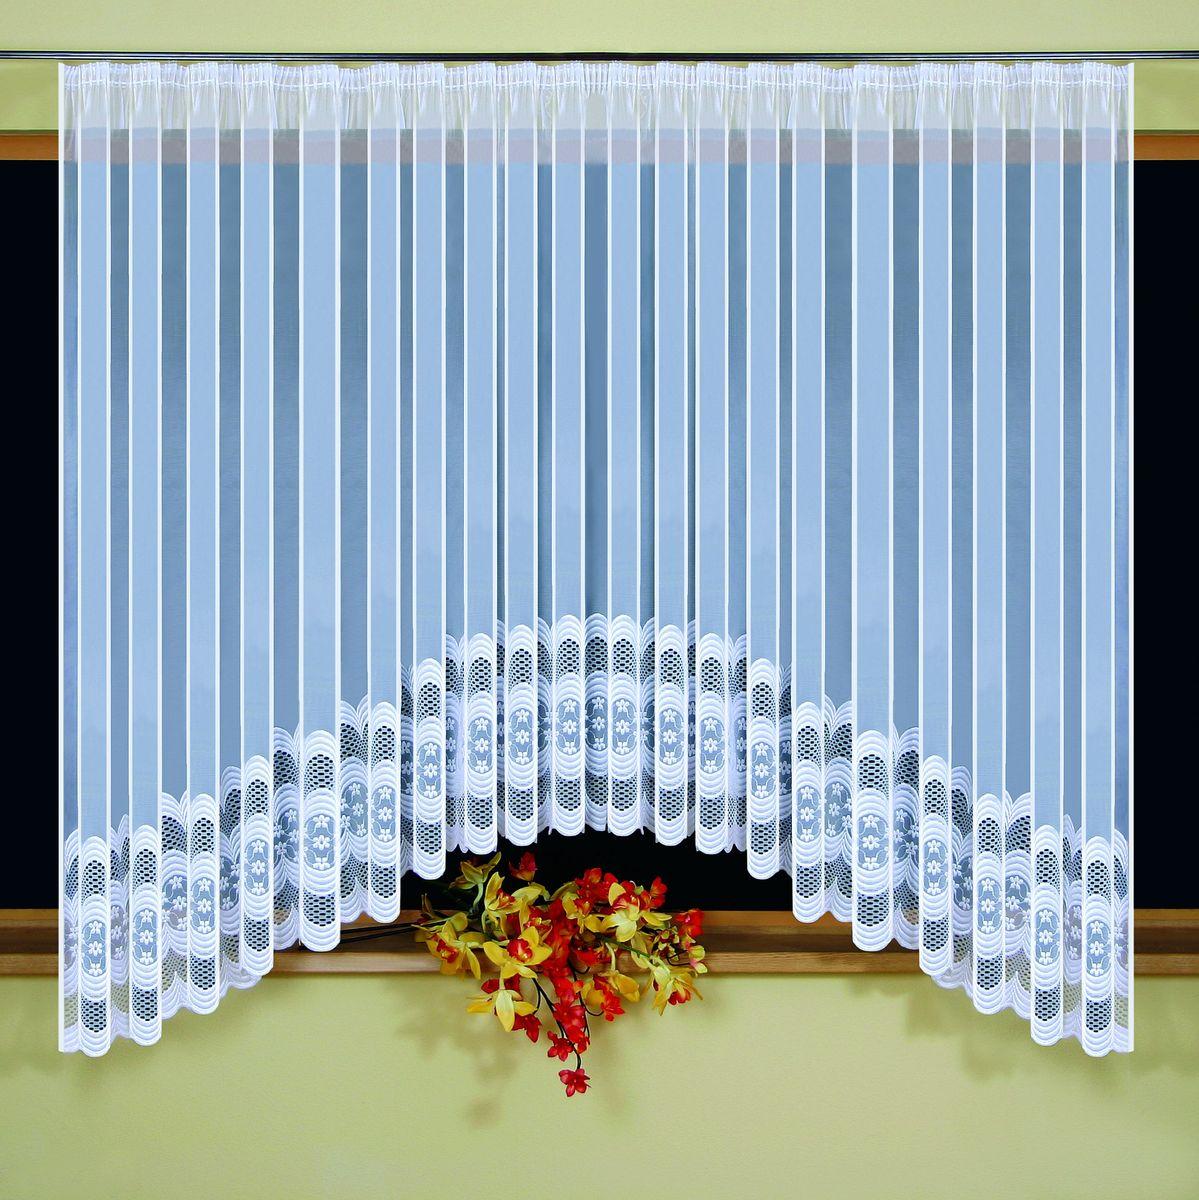 Гардина Wisan Monika, на ленте, цвет: белый, высота 160 см5296Гардина Wisan Monika изготовлена из белого полиэстера, легкой, тонкой ткани. Изделие украшено изящным орнаментом. Тонкое плетение и оригинальный дизайн привлекут к себе внимание и органично впишутся в интерьер комнаты. Оригинальное оформление гардины внесет разнообразие и подарит заряд положительного настроения. Гардина оснащена шторной лентой для крепления на карниз.